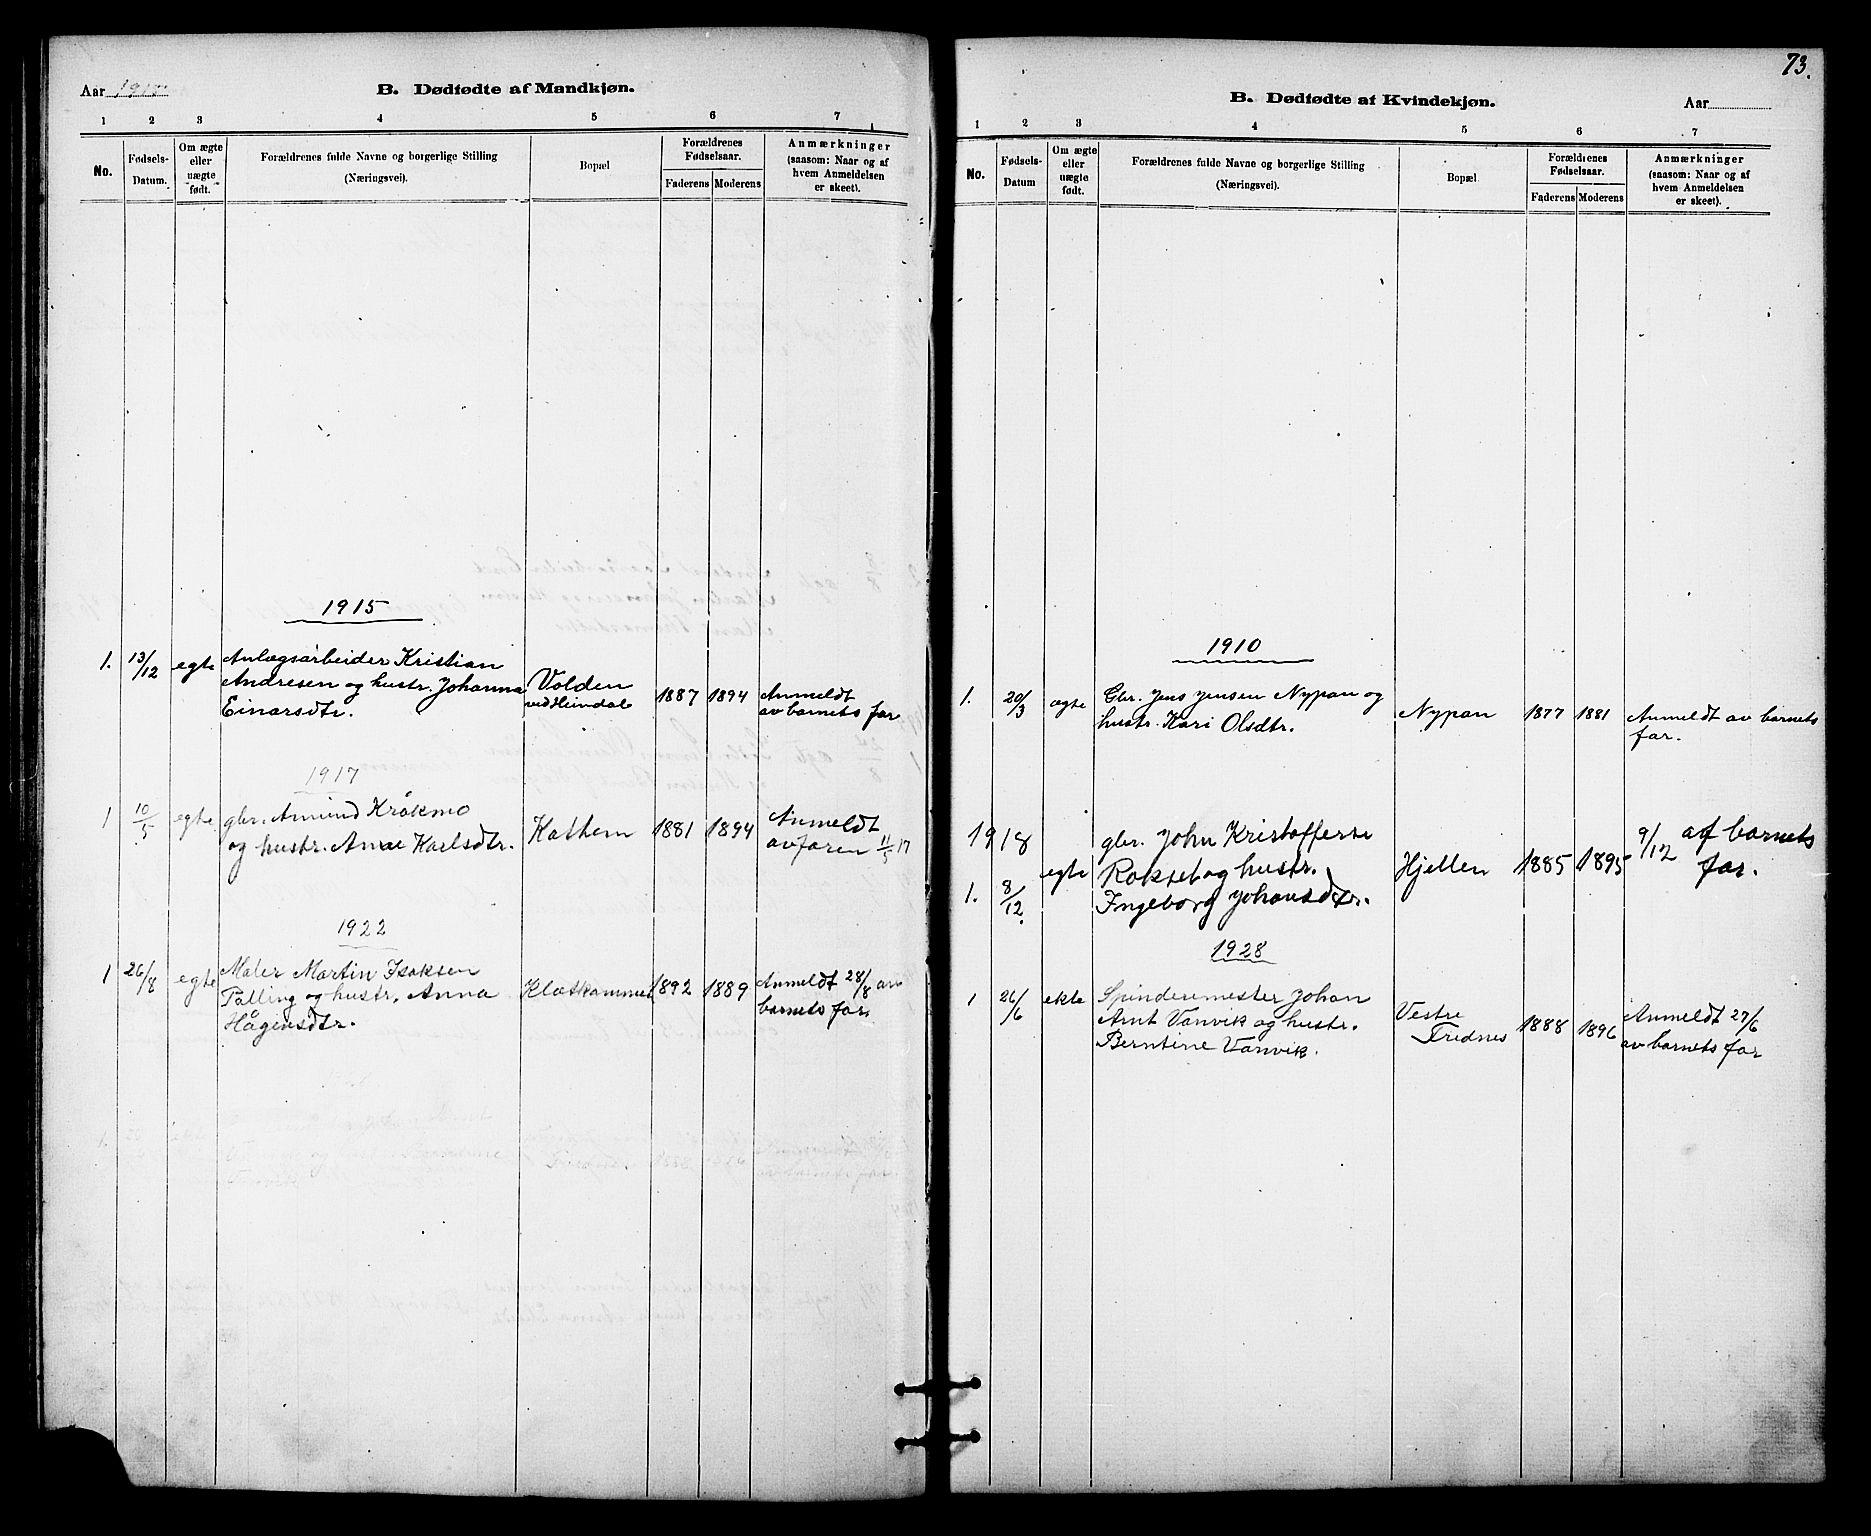 SAT, Ministerialprotokoller, klokkerbøker og fødselsregistre - Sør-Trøndelag, 613/L0395: Klokkerbok nr. 613C03, 1887-1909, s. 73